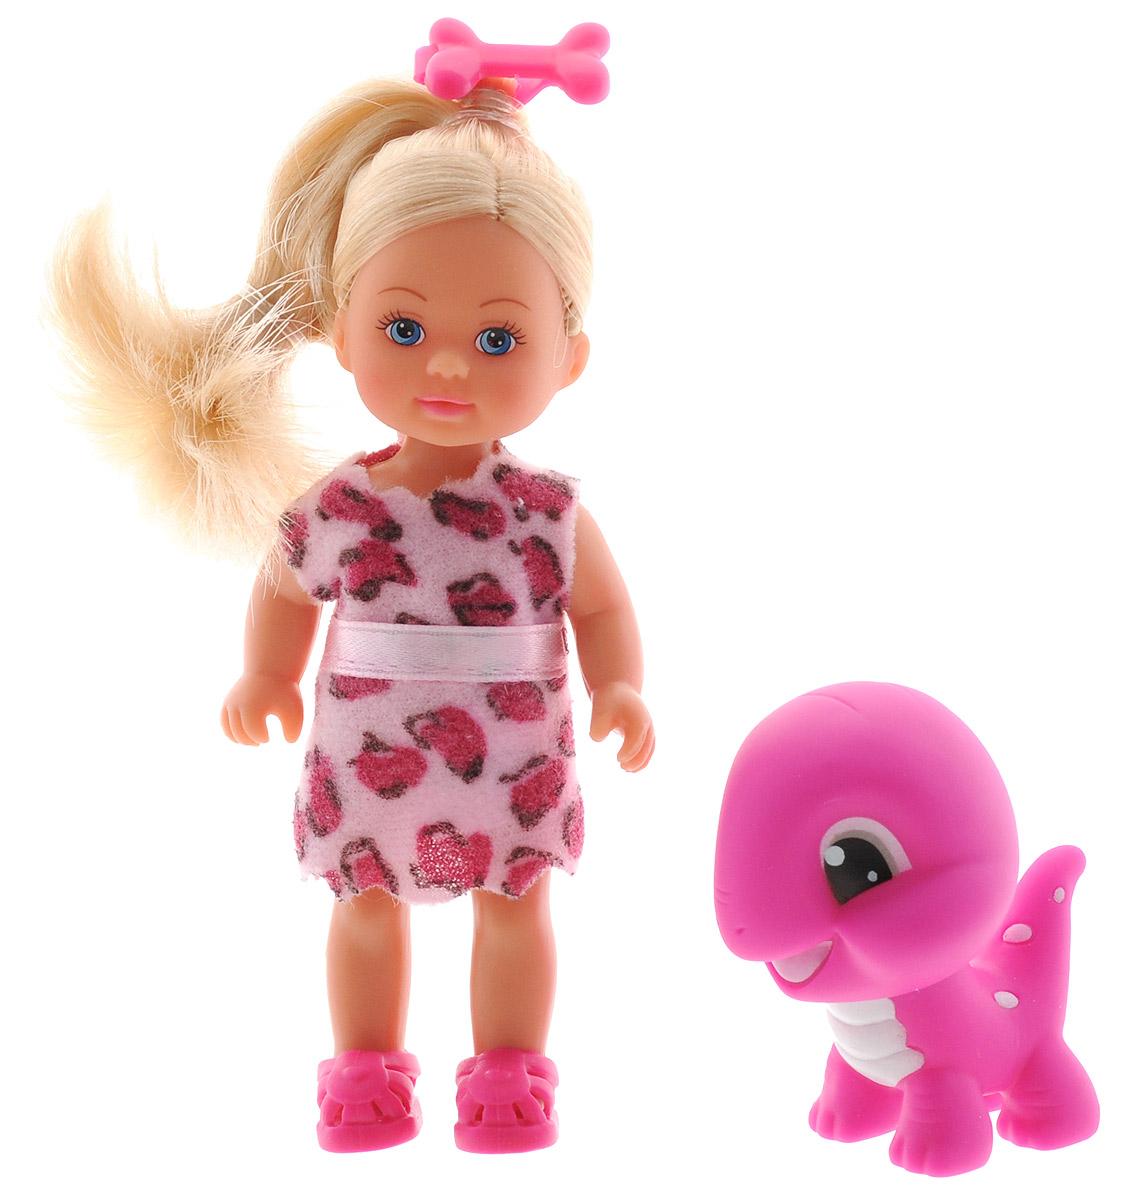 Simba Мини-кукла Еви с динозавриком цвет платья розовый5730940_розовыйКукла Simba Еви с динозавриком порадует любую девочку и надолго увлечет ее. В комплект входит кукла Еви и ее питомец - очаровательный динозаврик. Малышка Еви одета в платье из мягкого текстильного материала, оформленное принтом в виде крупных пятен, а на ногах у нее - розовые сандалии. Вашей дочурке непременно понравится заплетать длинные белокурые волосы куклы, придумывая разнообразные прически. Фигурка динозаврика выполнена из прочного пластика. Руки, ноги и голова куклы подвижны, благодаря чему ей можно придавать разнообразные позы. Игры с куклой способствуют эмоциональному развитию, помогают формировать воображение и художественный вкус, а также разовьют в вашей малышке чувство ответственности и заботы. Великолепное качество исполнения делают эту куколку чудесным подарком к любому празднику.